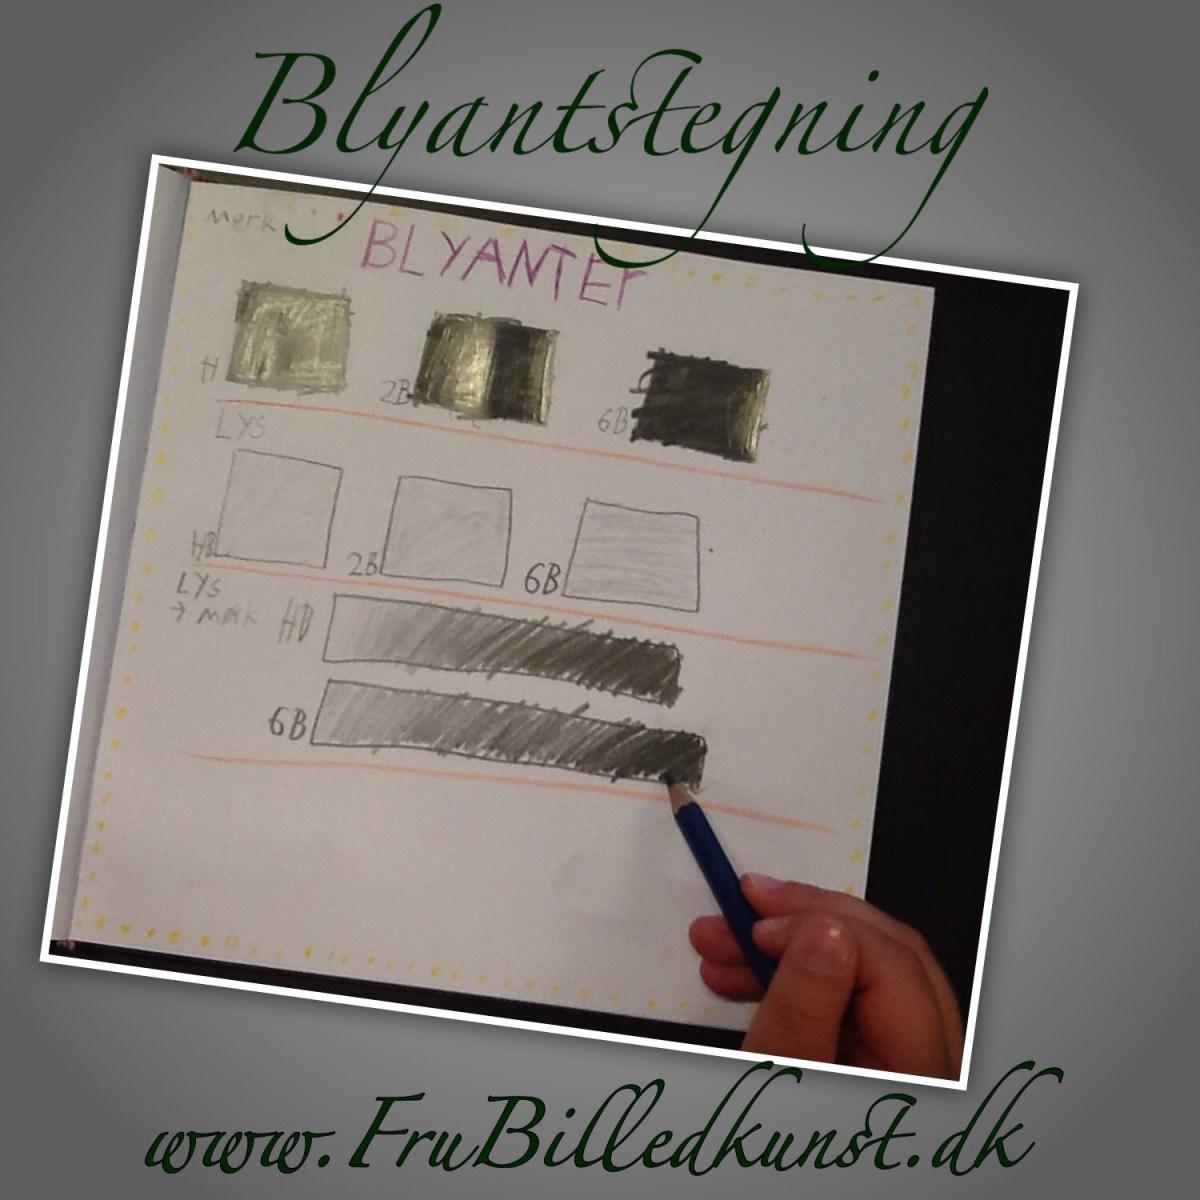 www.FruBilledkunst.dk - blyantstegning